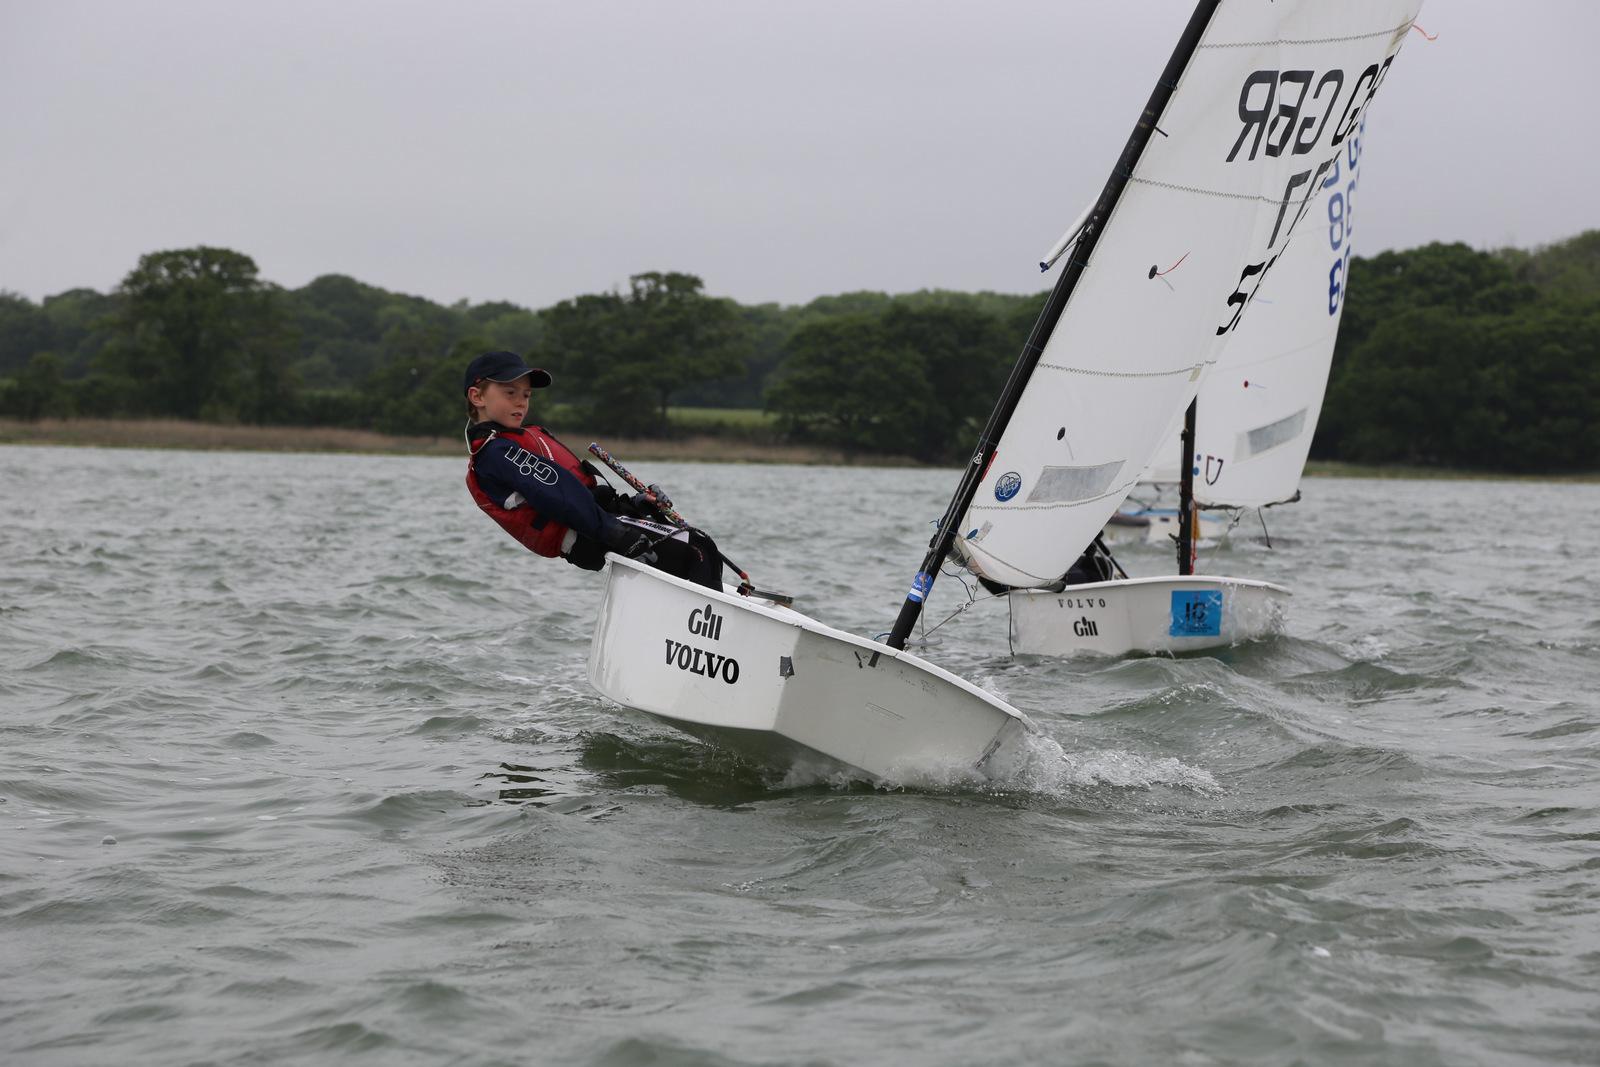 Chichester Optimist Open 2017 Chichester Yacht Club